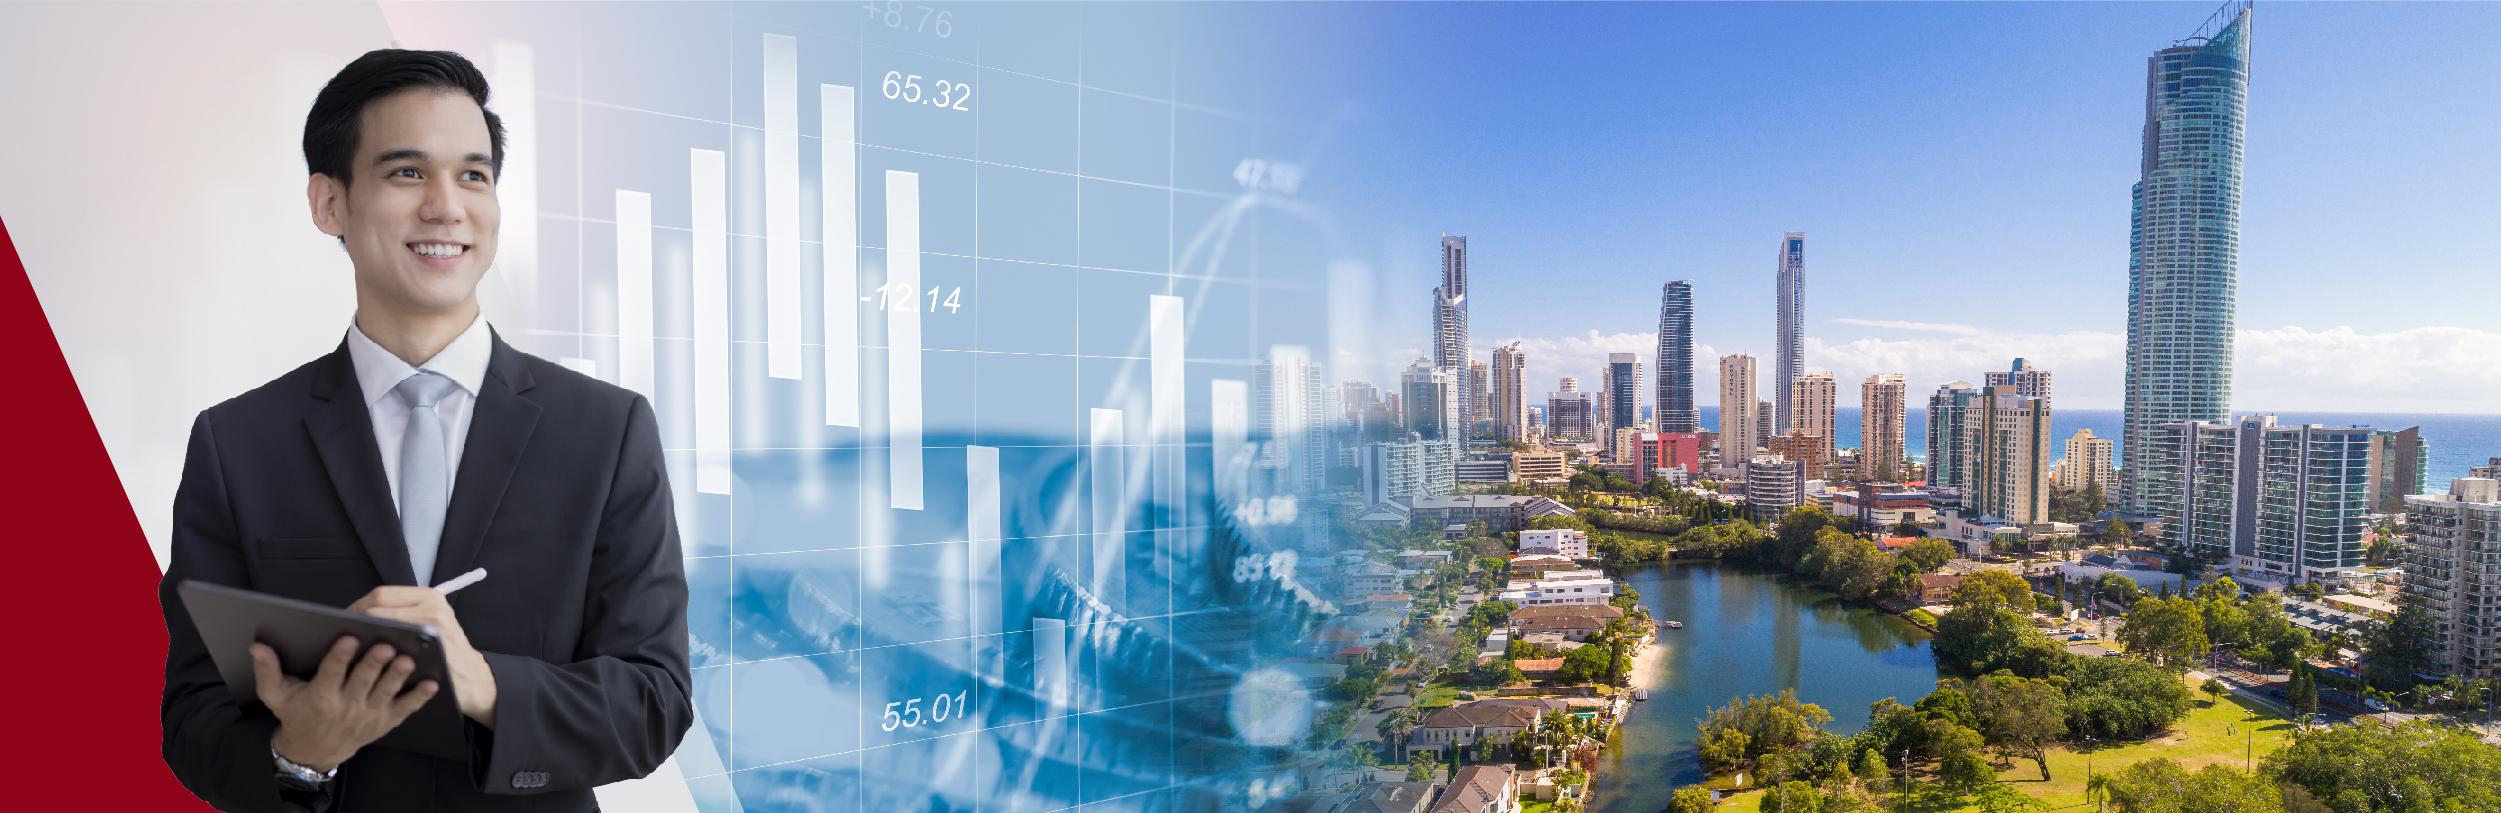 Đầu tư vào các Quỹ đầu tư Úc – Thỏa điều kiện visa 188B, 188C Lợi nhuận lên đến 10%/năm